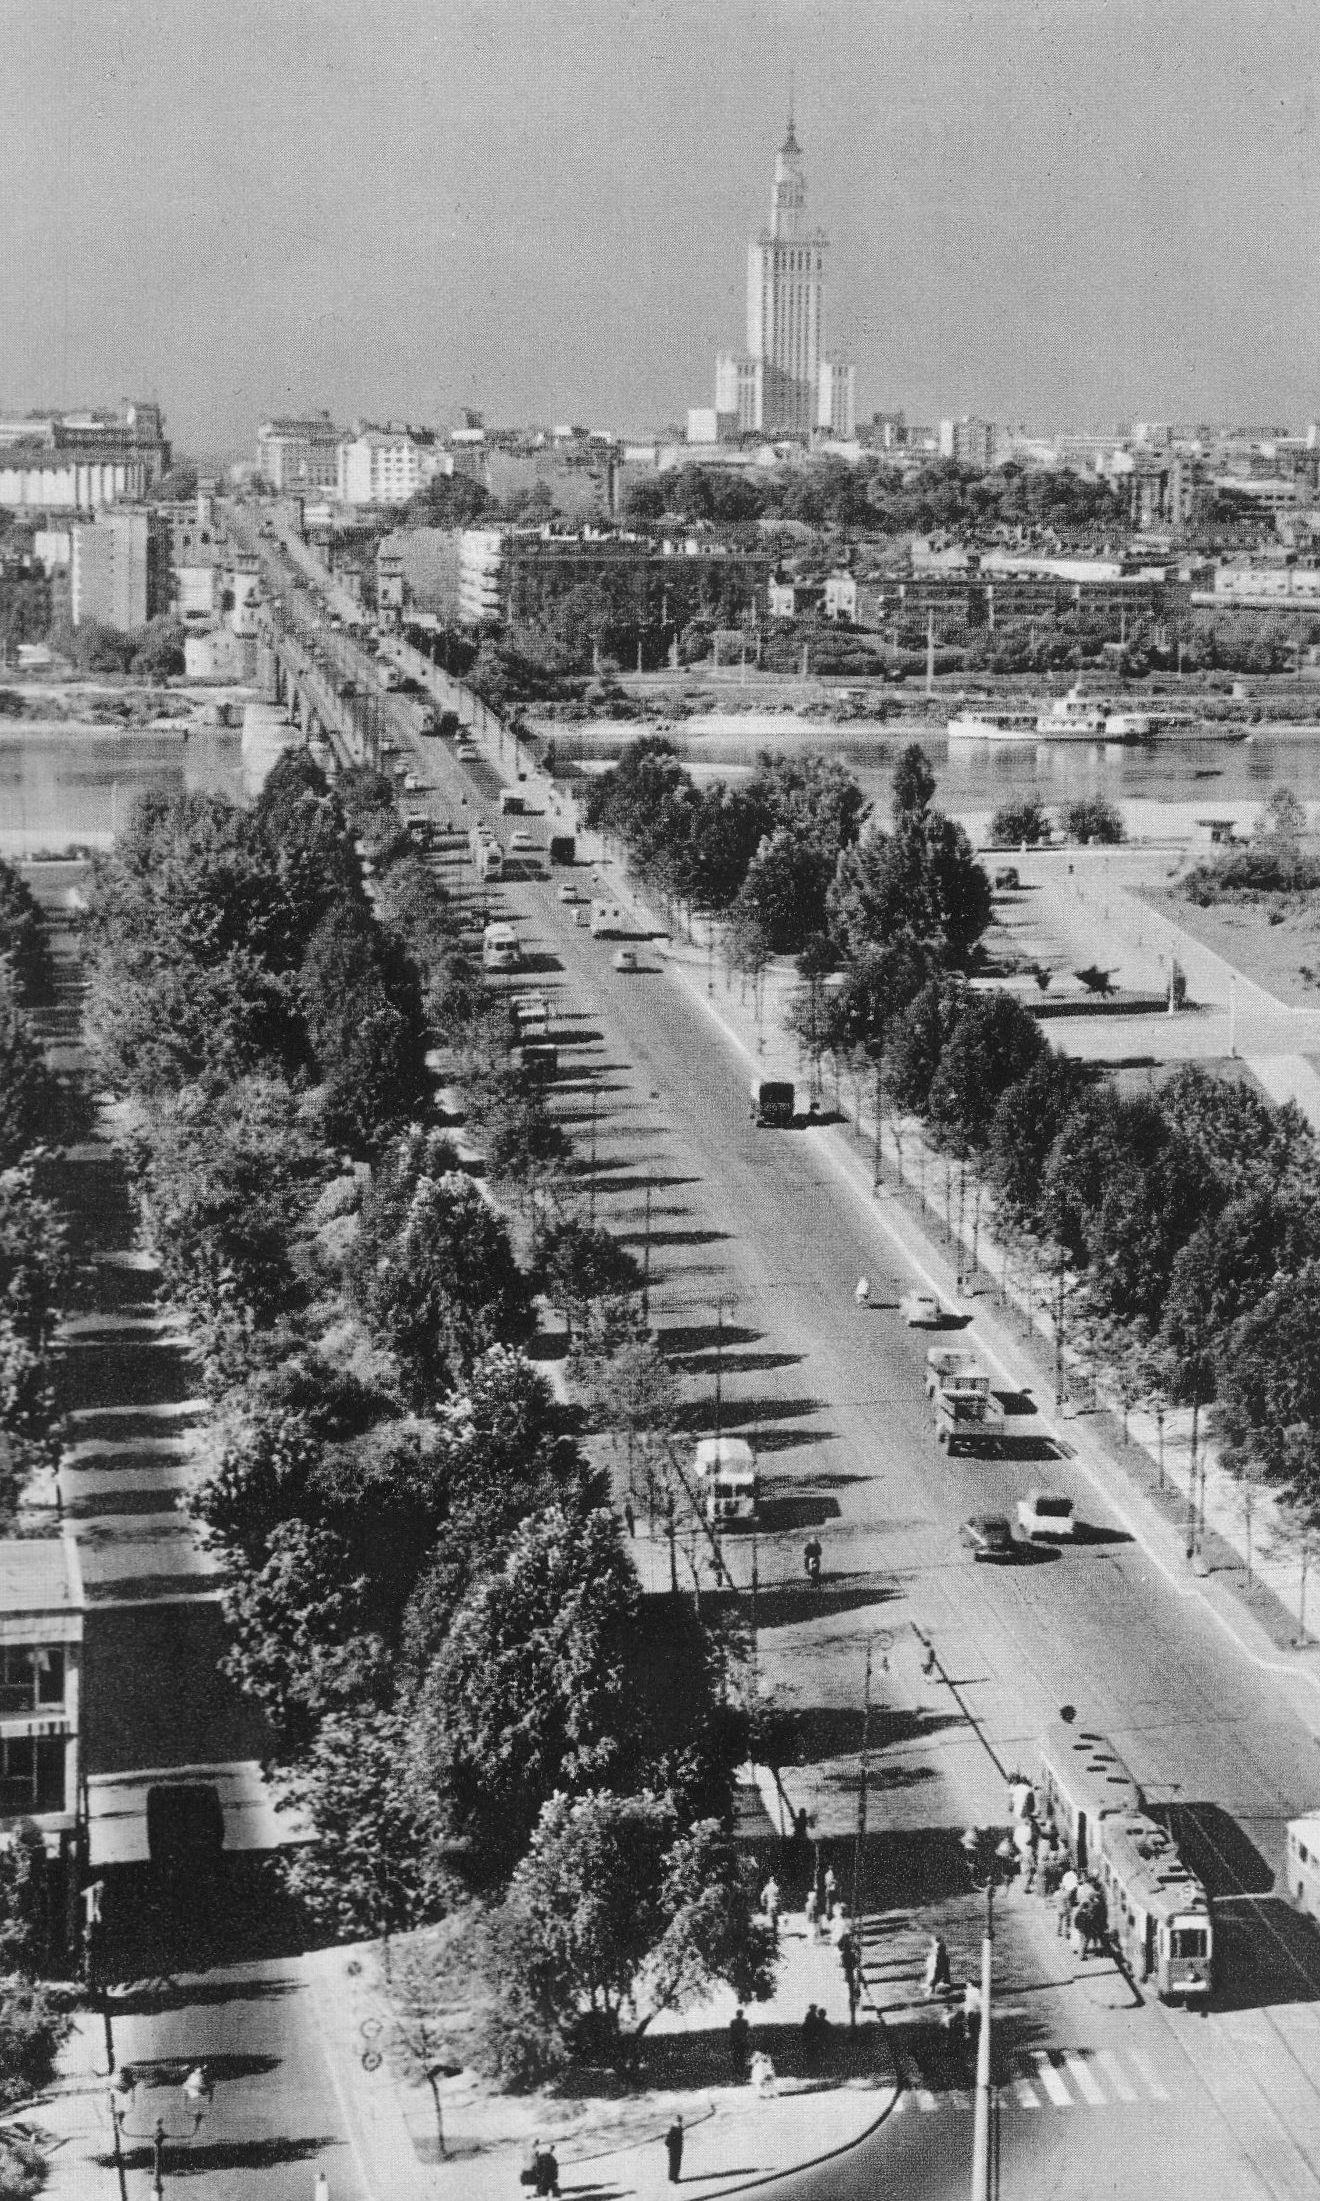 Pałac_Kultury_i_Nauki_widziany_z_mostu_Poniatowskiego_lata_60